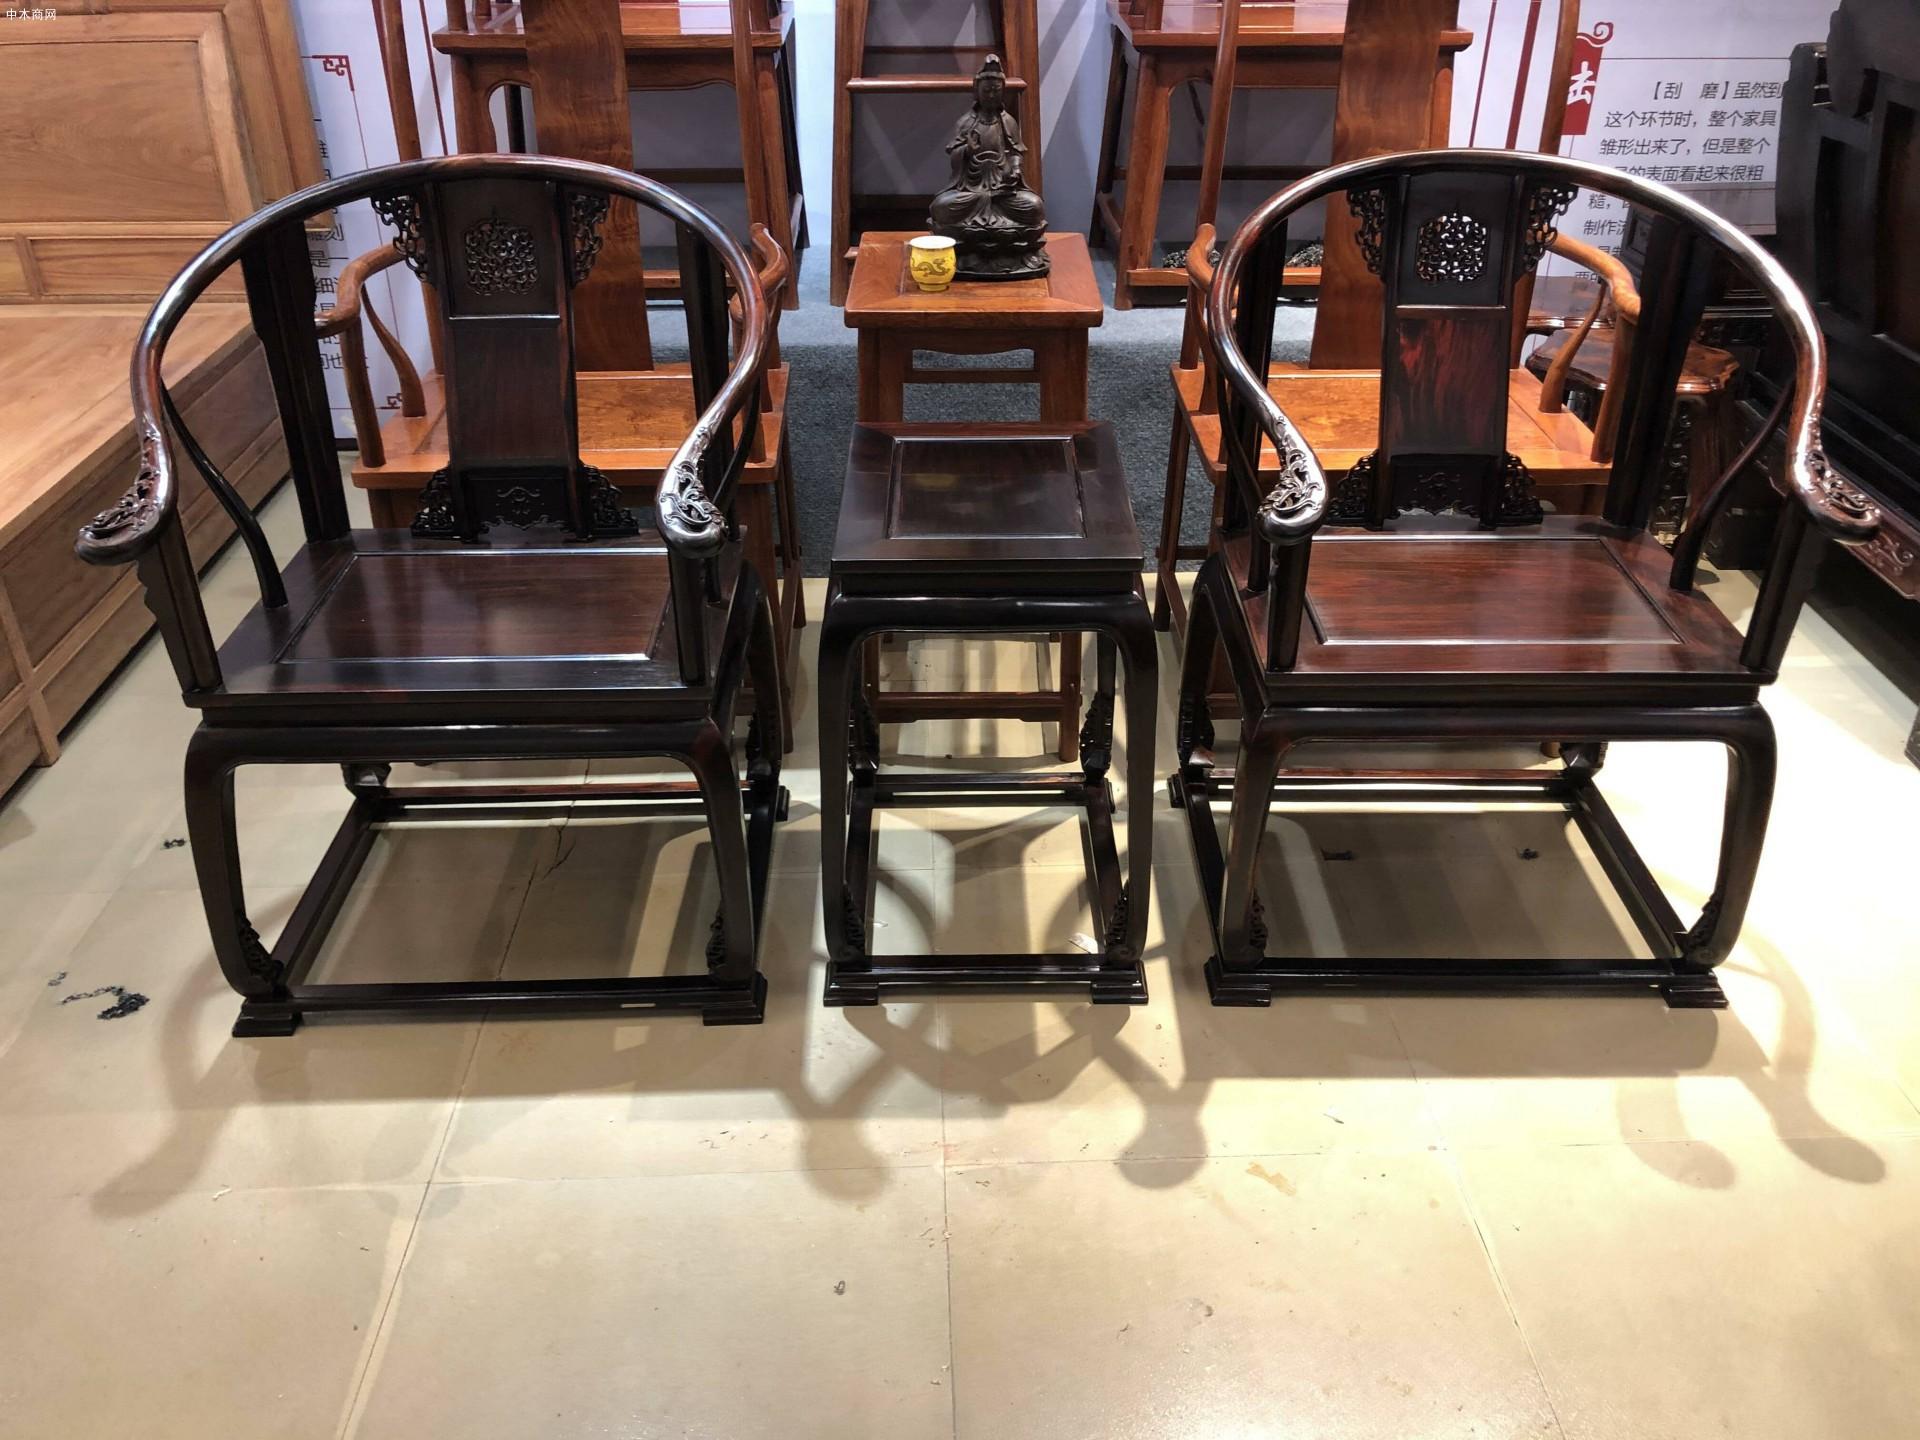 交趾黄檀大红酸枝皇宫椅三件高清图片供应价格